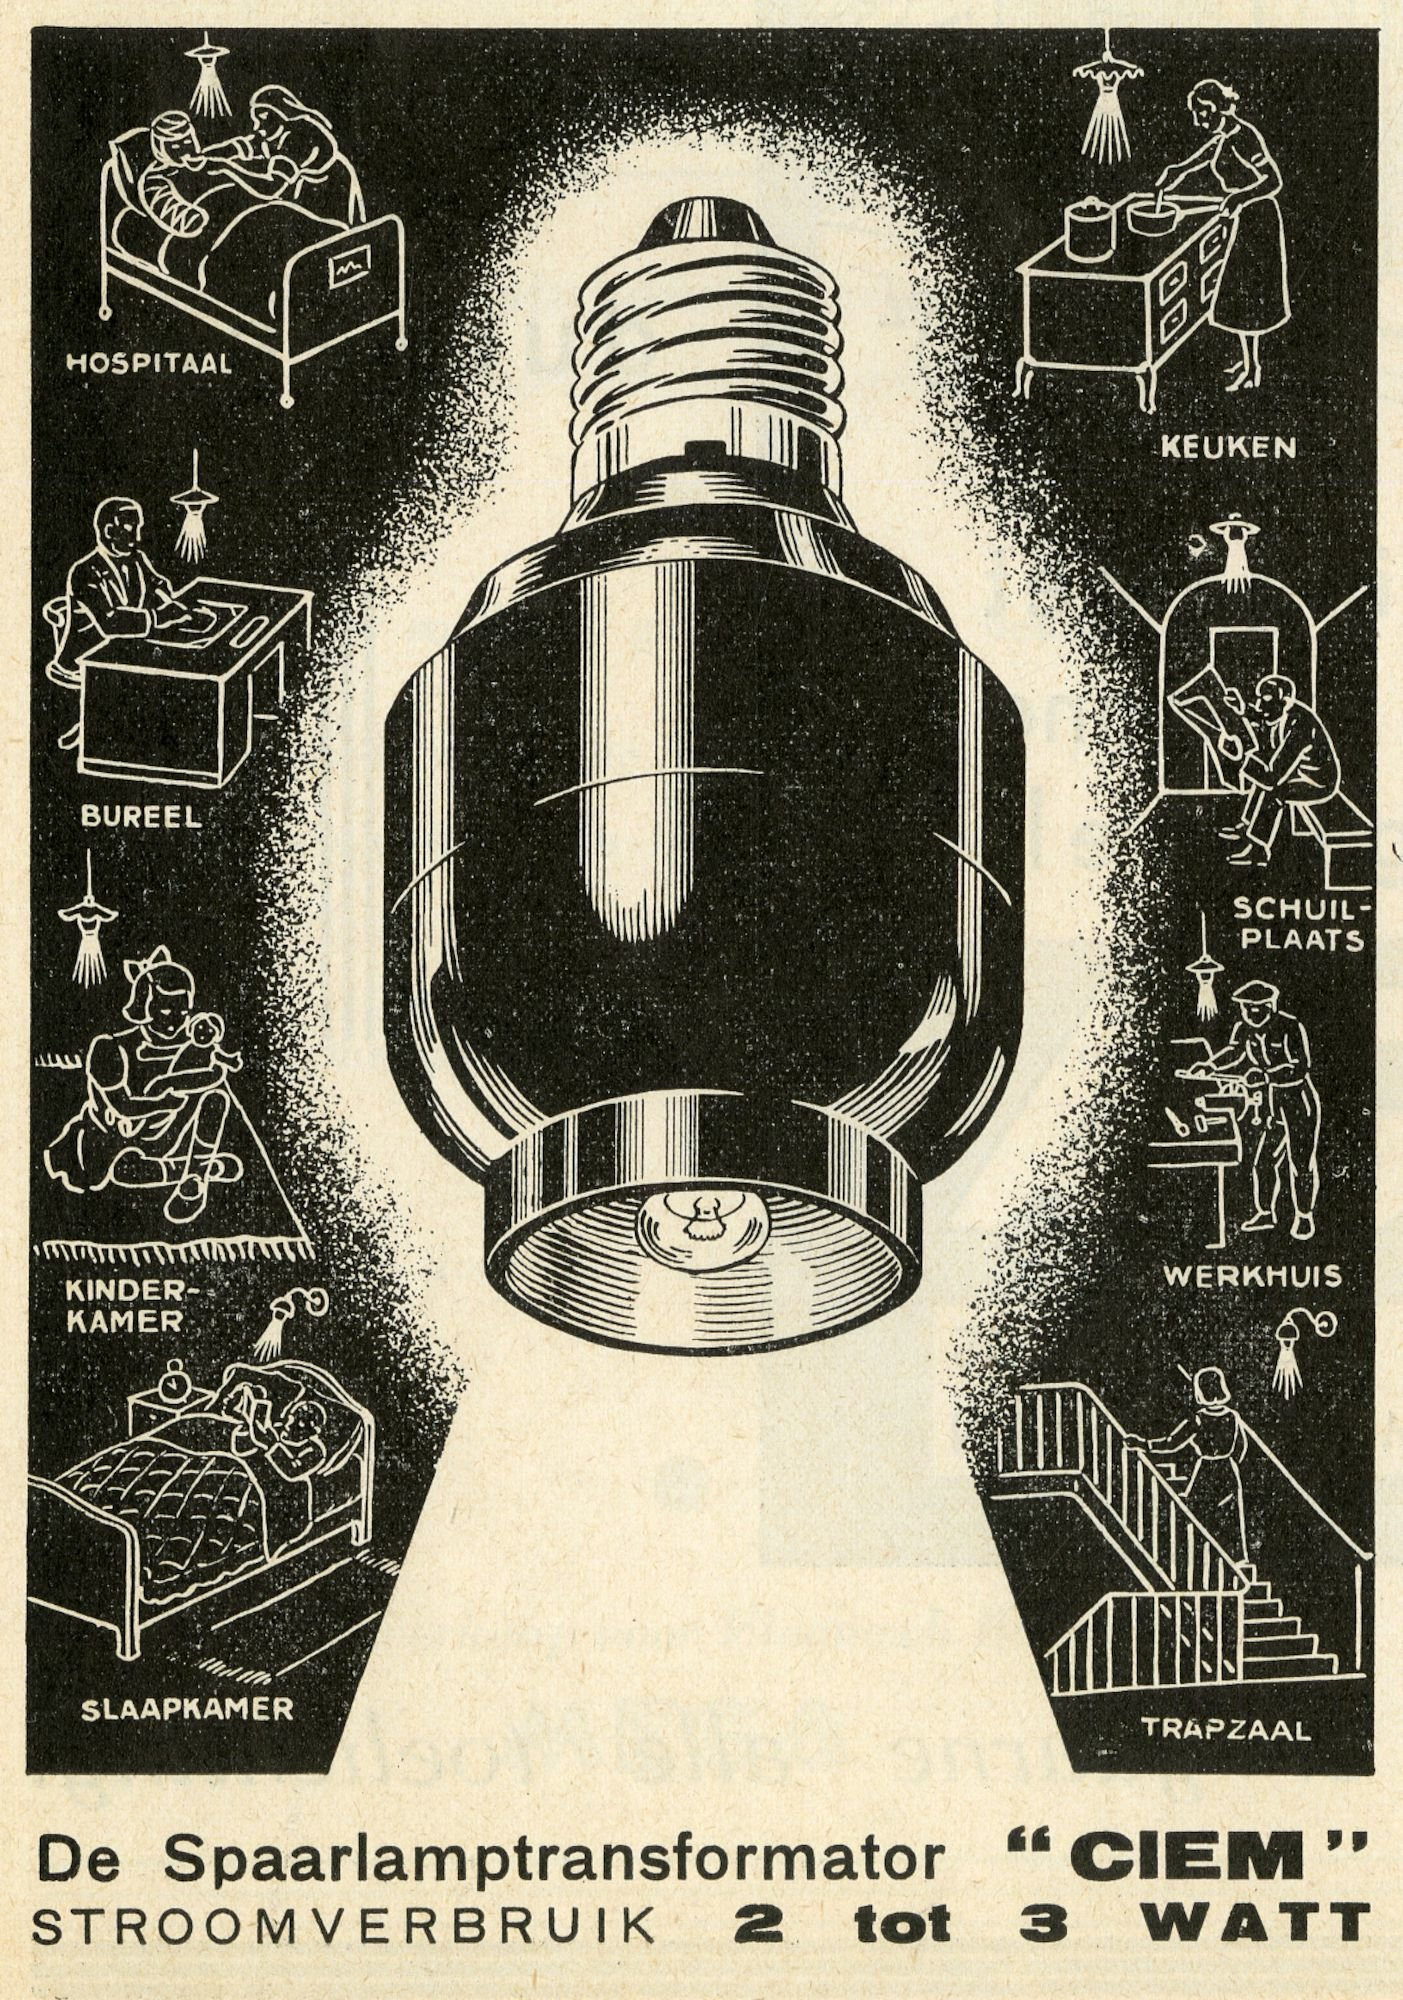 Reclame voor spaarlamptransformatoren van het merk Ciem